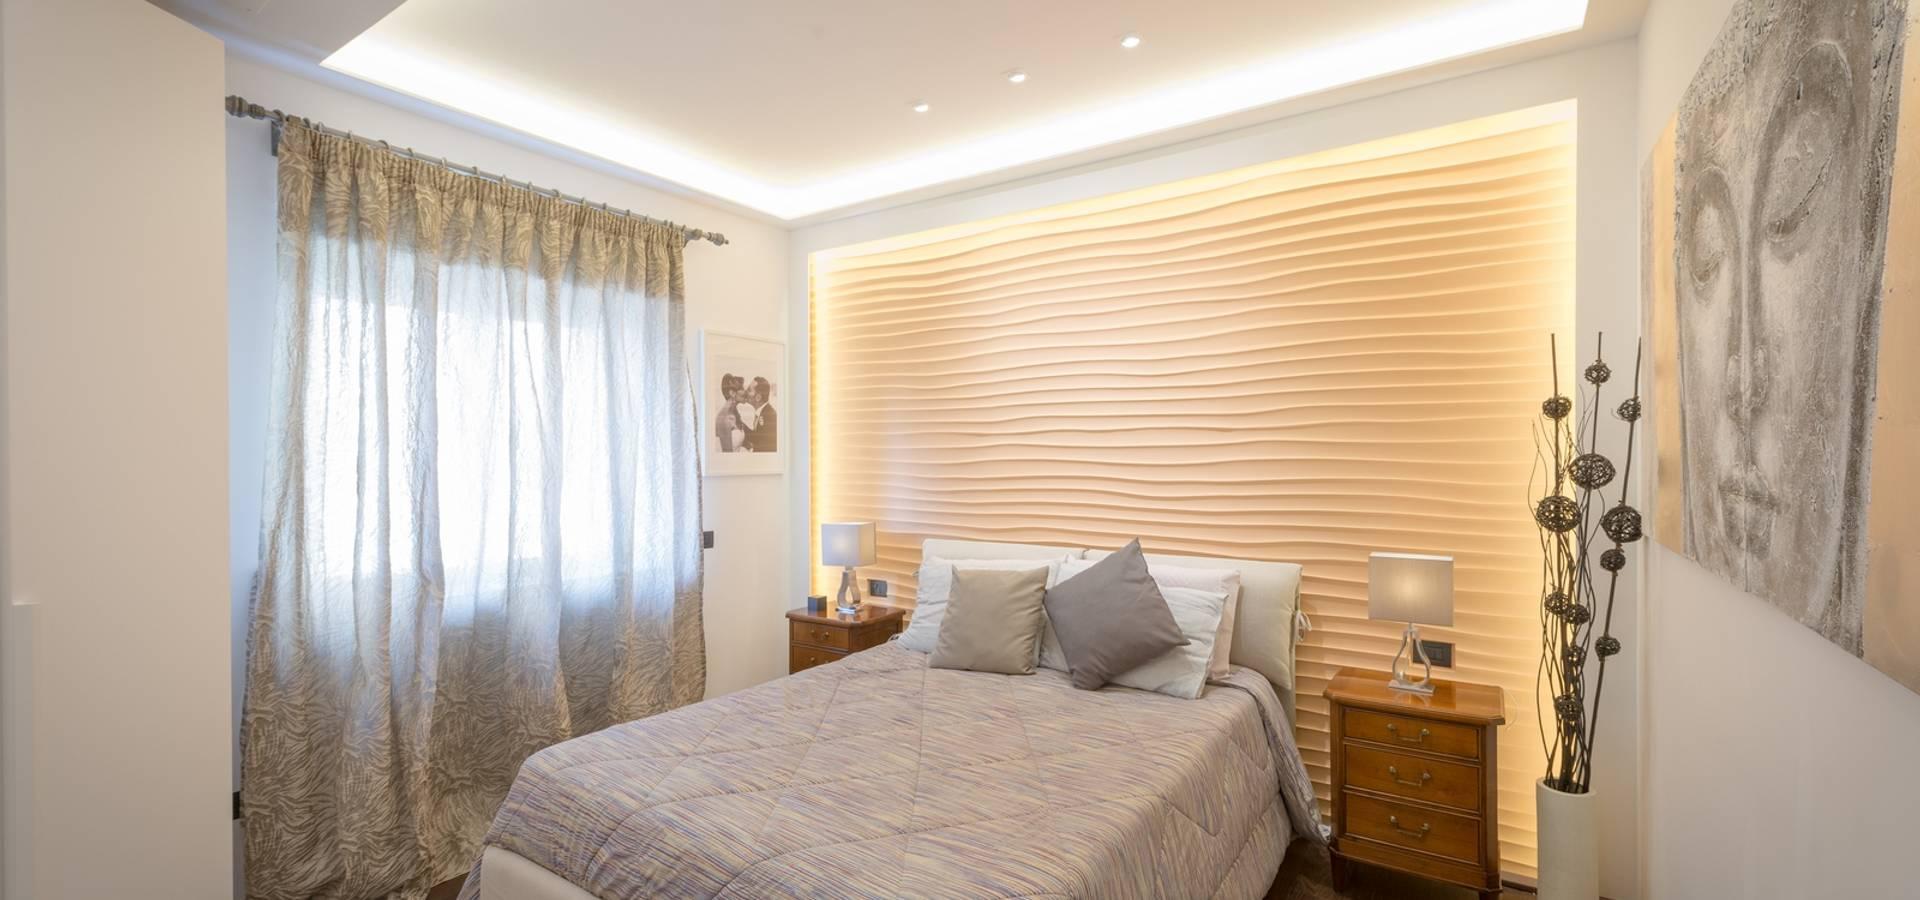 Casa de leva di stile interni srl homify - Foto camera da letto ...